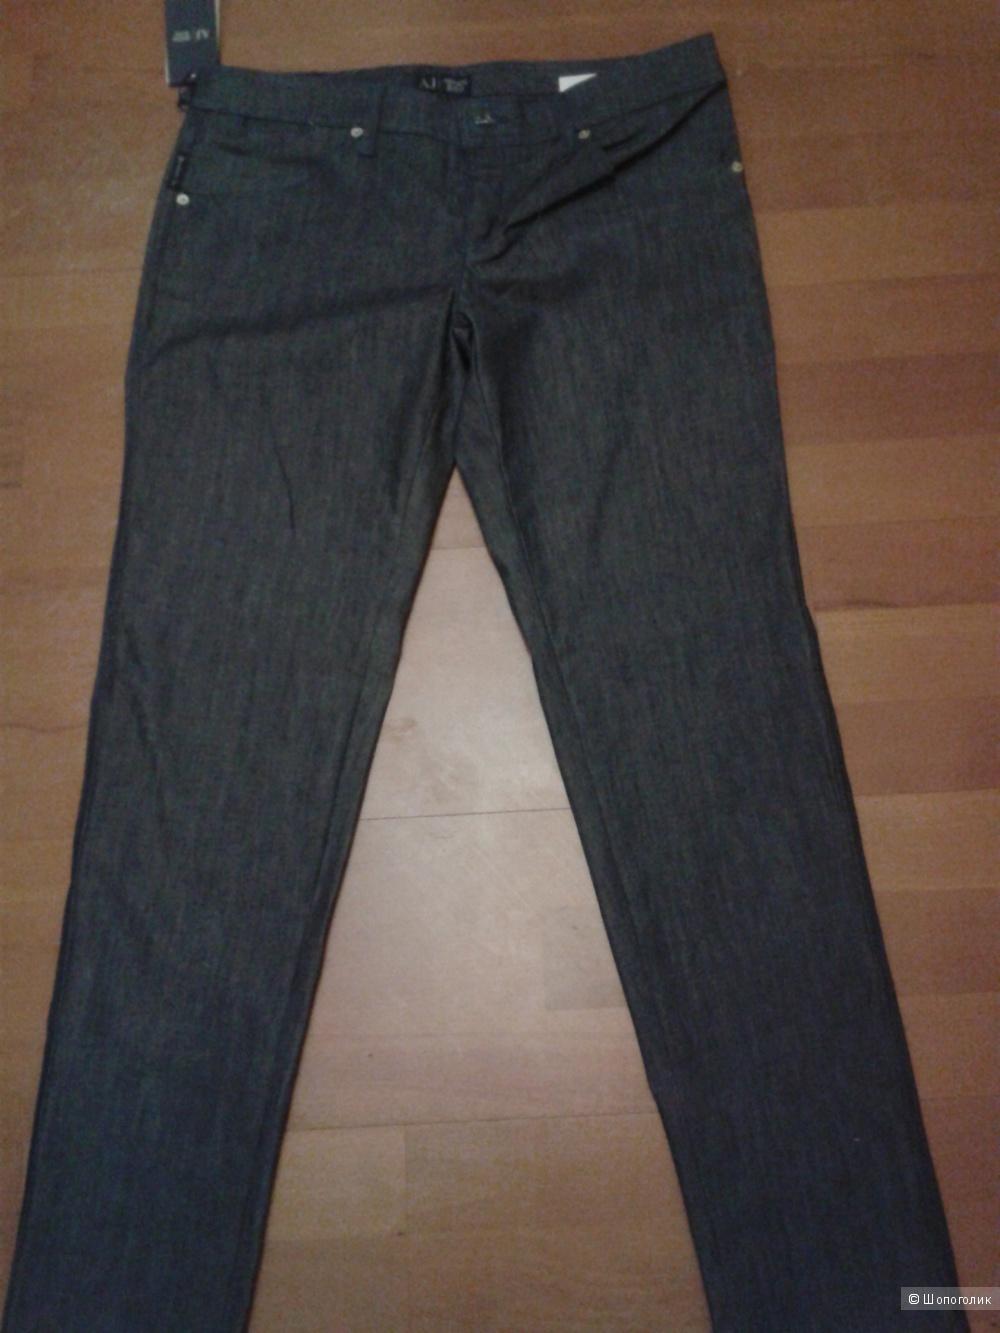 Размер джинсов 31